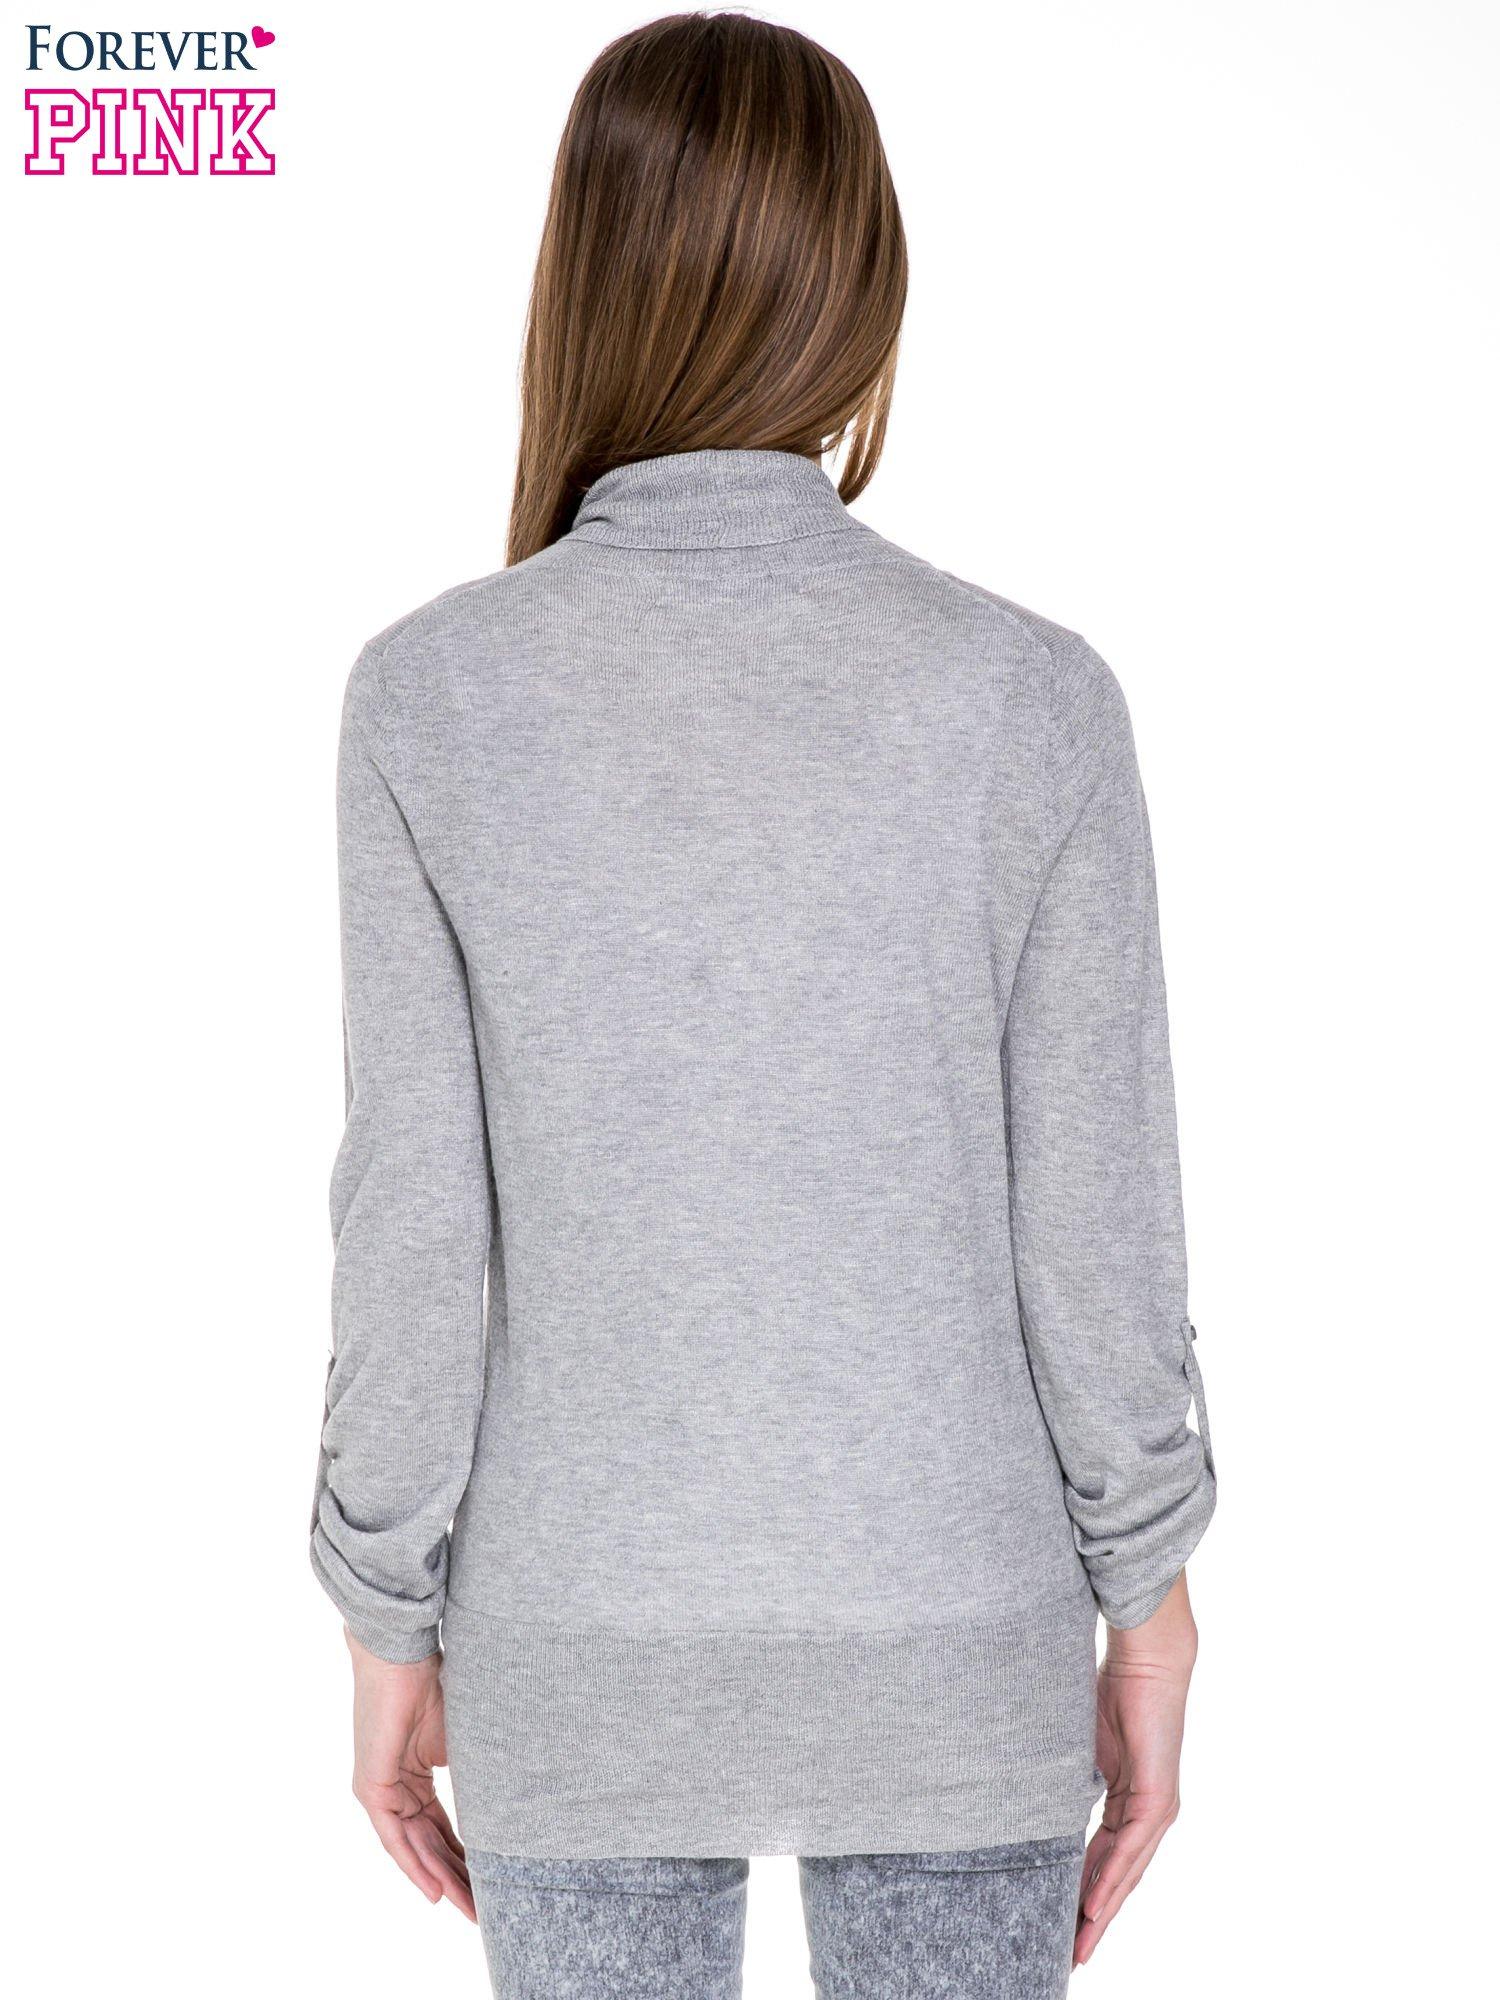 Szary sweter narzutka z wywijanymi rękawami                                  zdj.                                  4